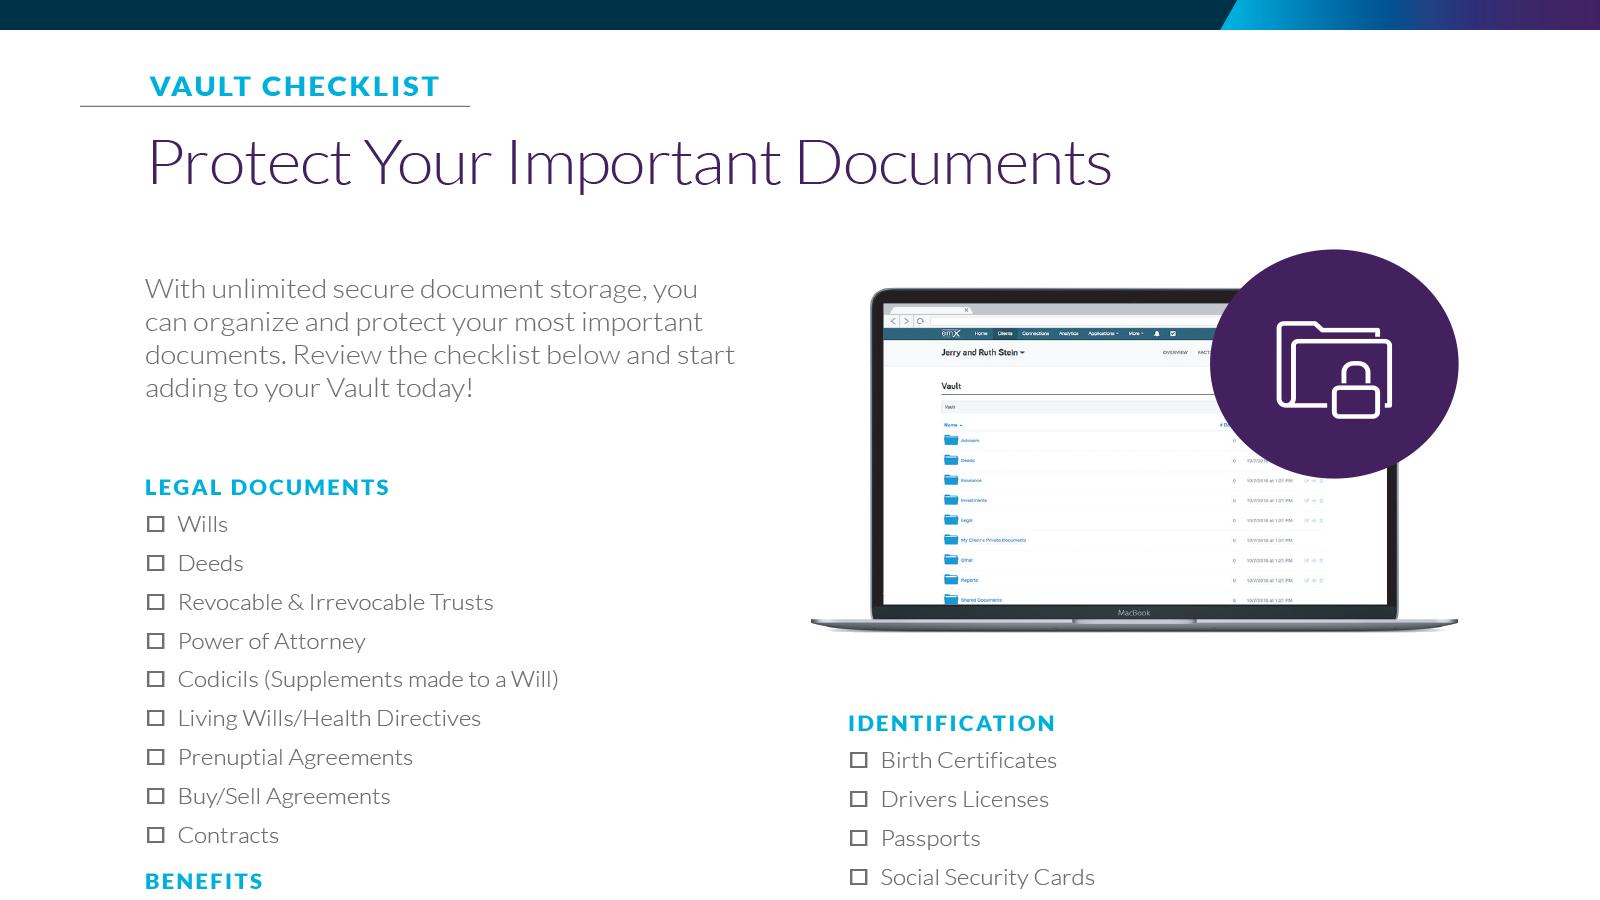 Vault Checklist [PDF Download]